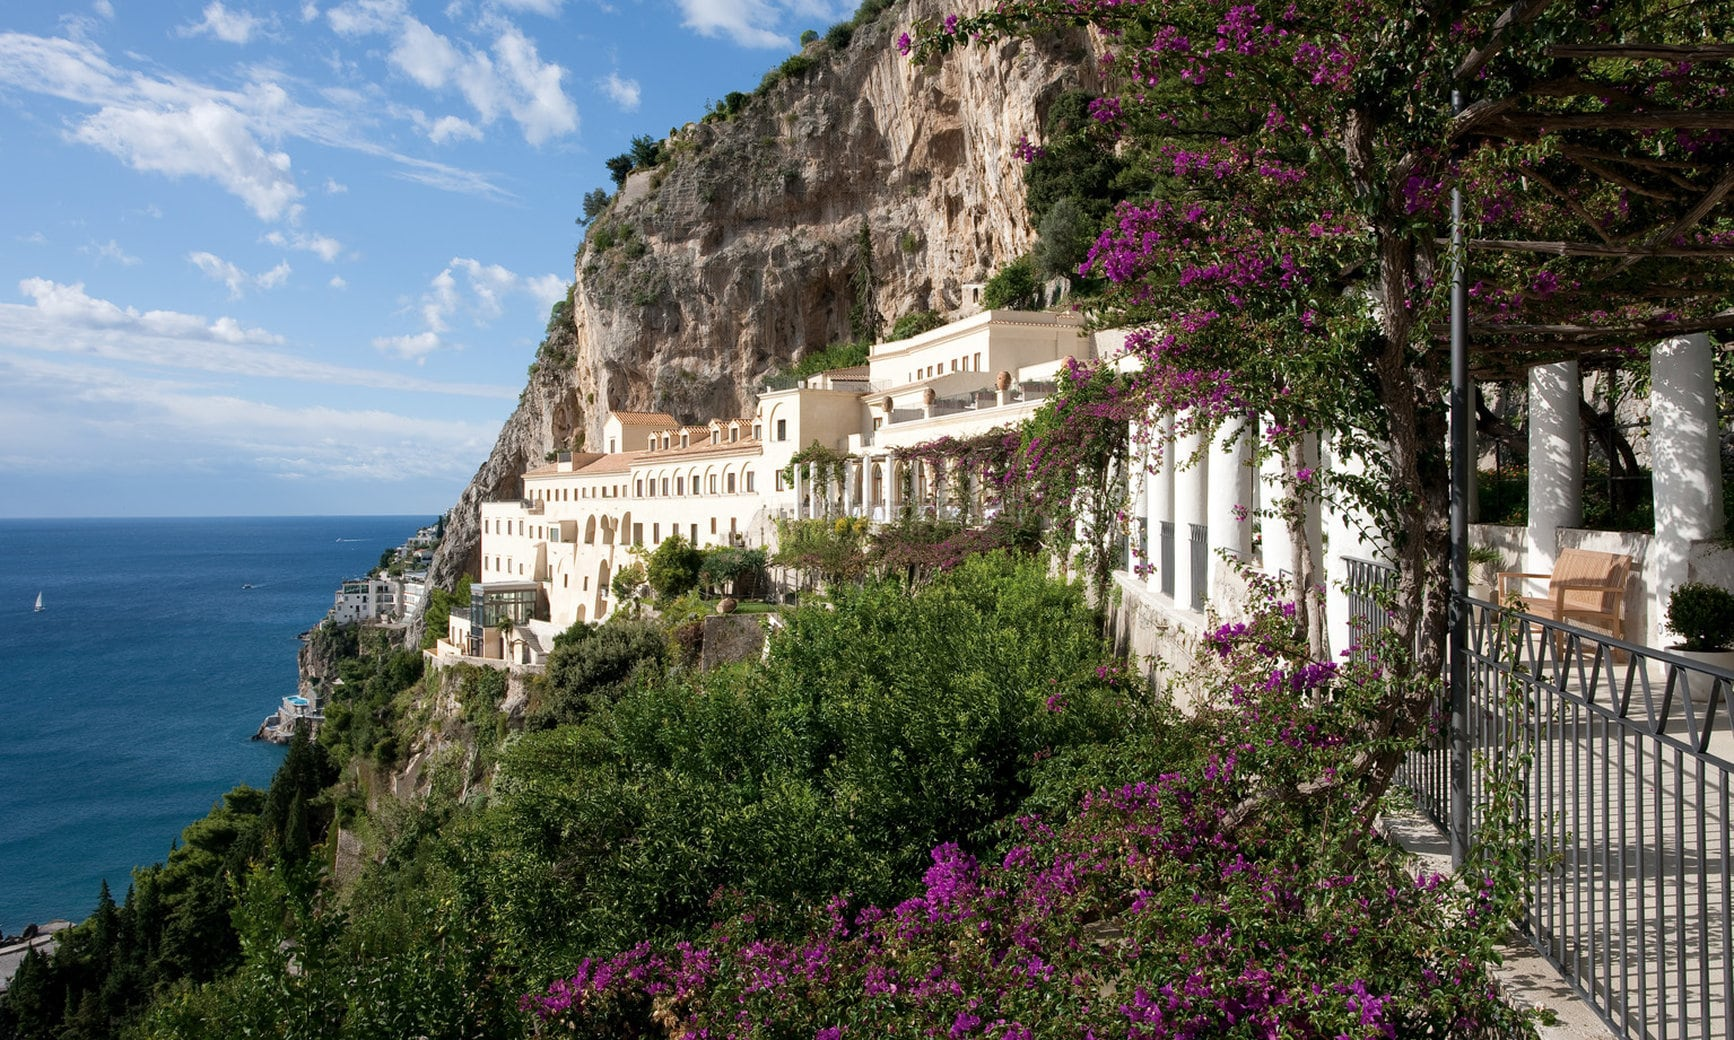 Grand Hotel Convento di Amalfi